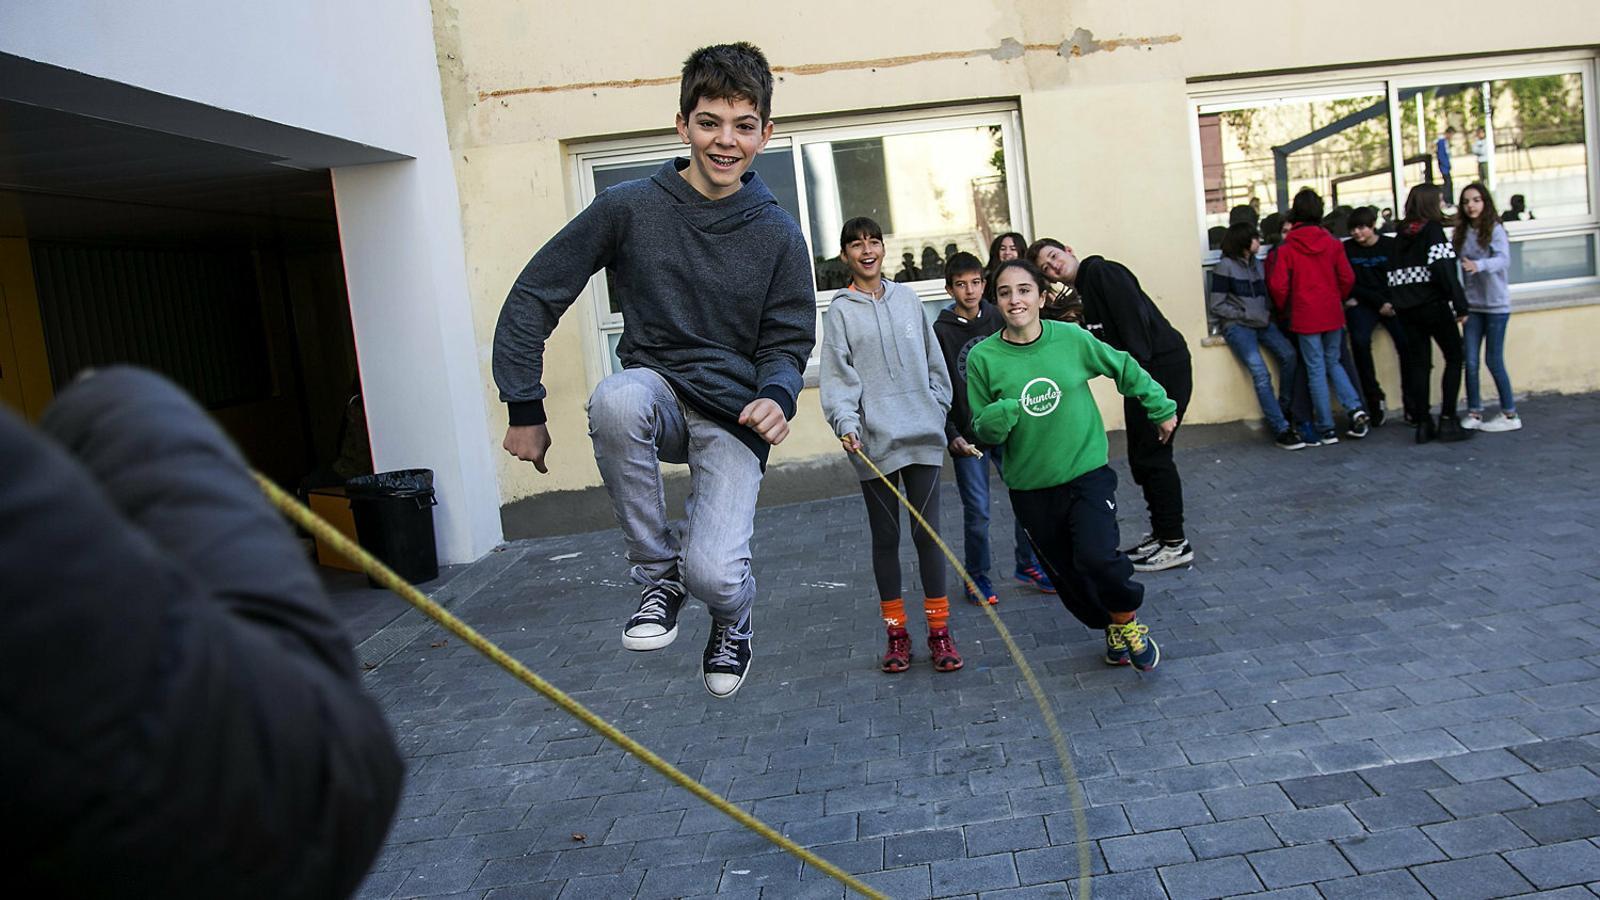 Un grup de nens i nenes de l'escola Tecnos de Terrassa juguen a l'hora del pati, en una foto d'arxiu. / CRISTINA CALDERER